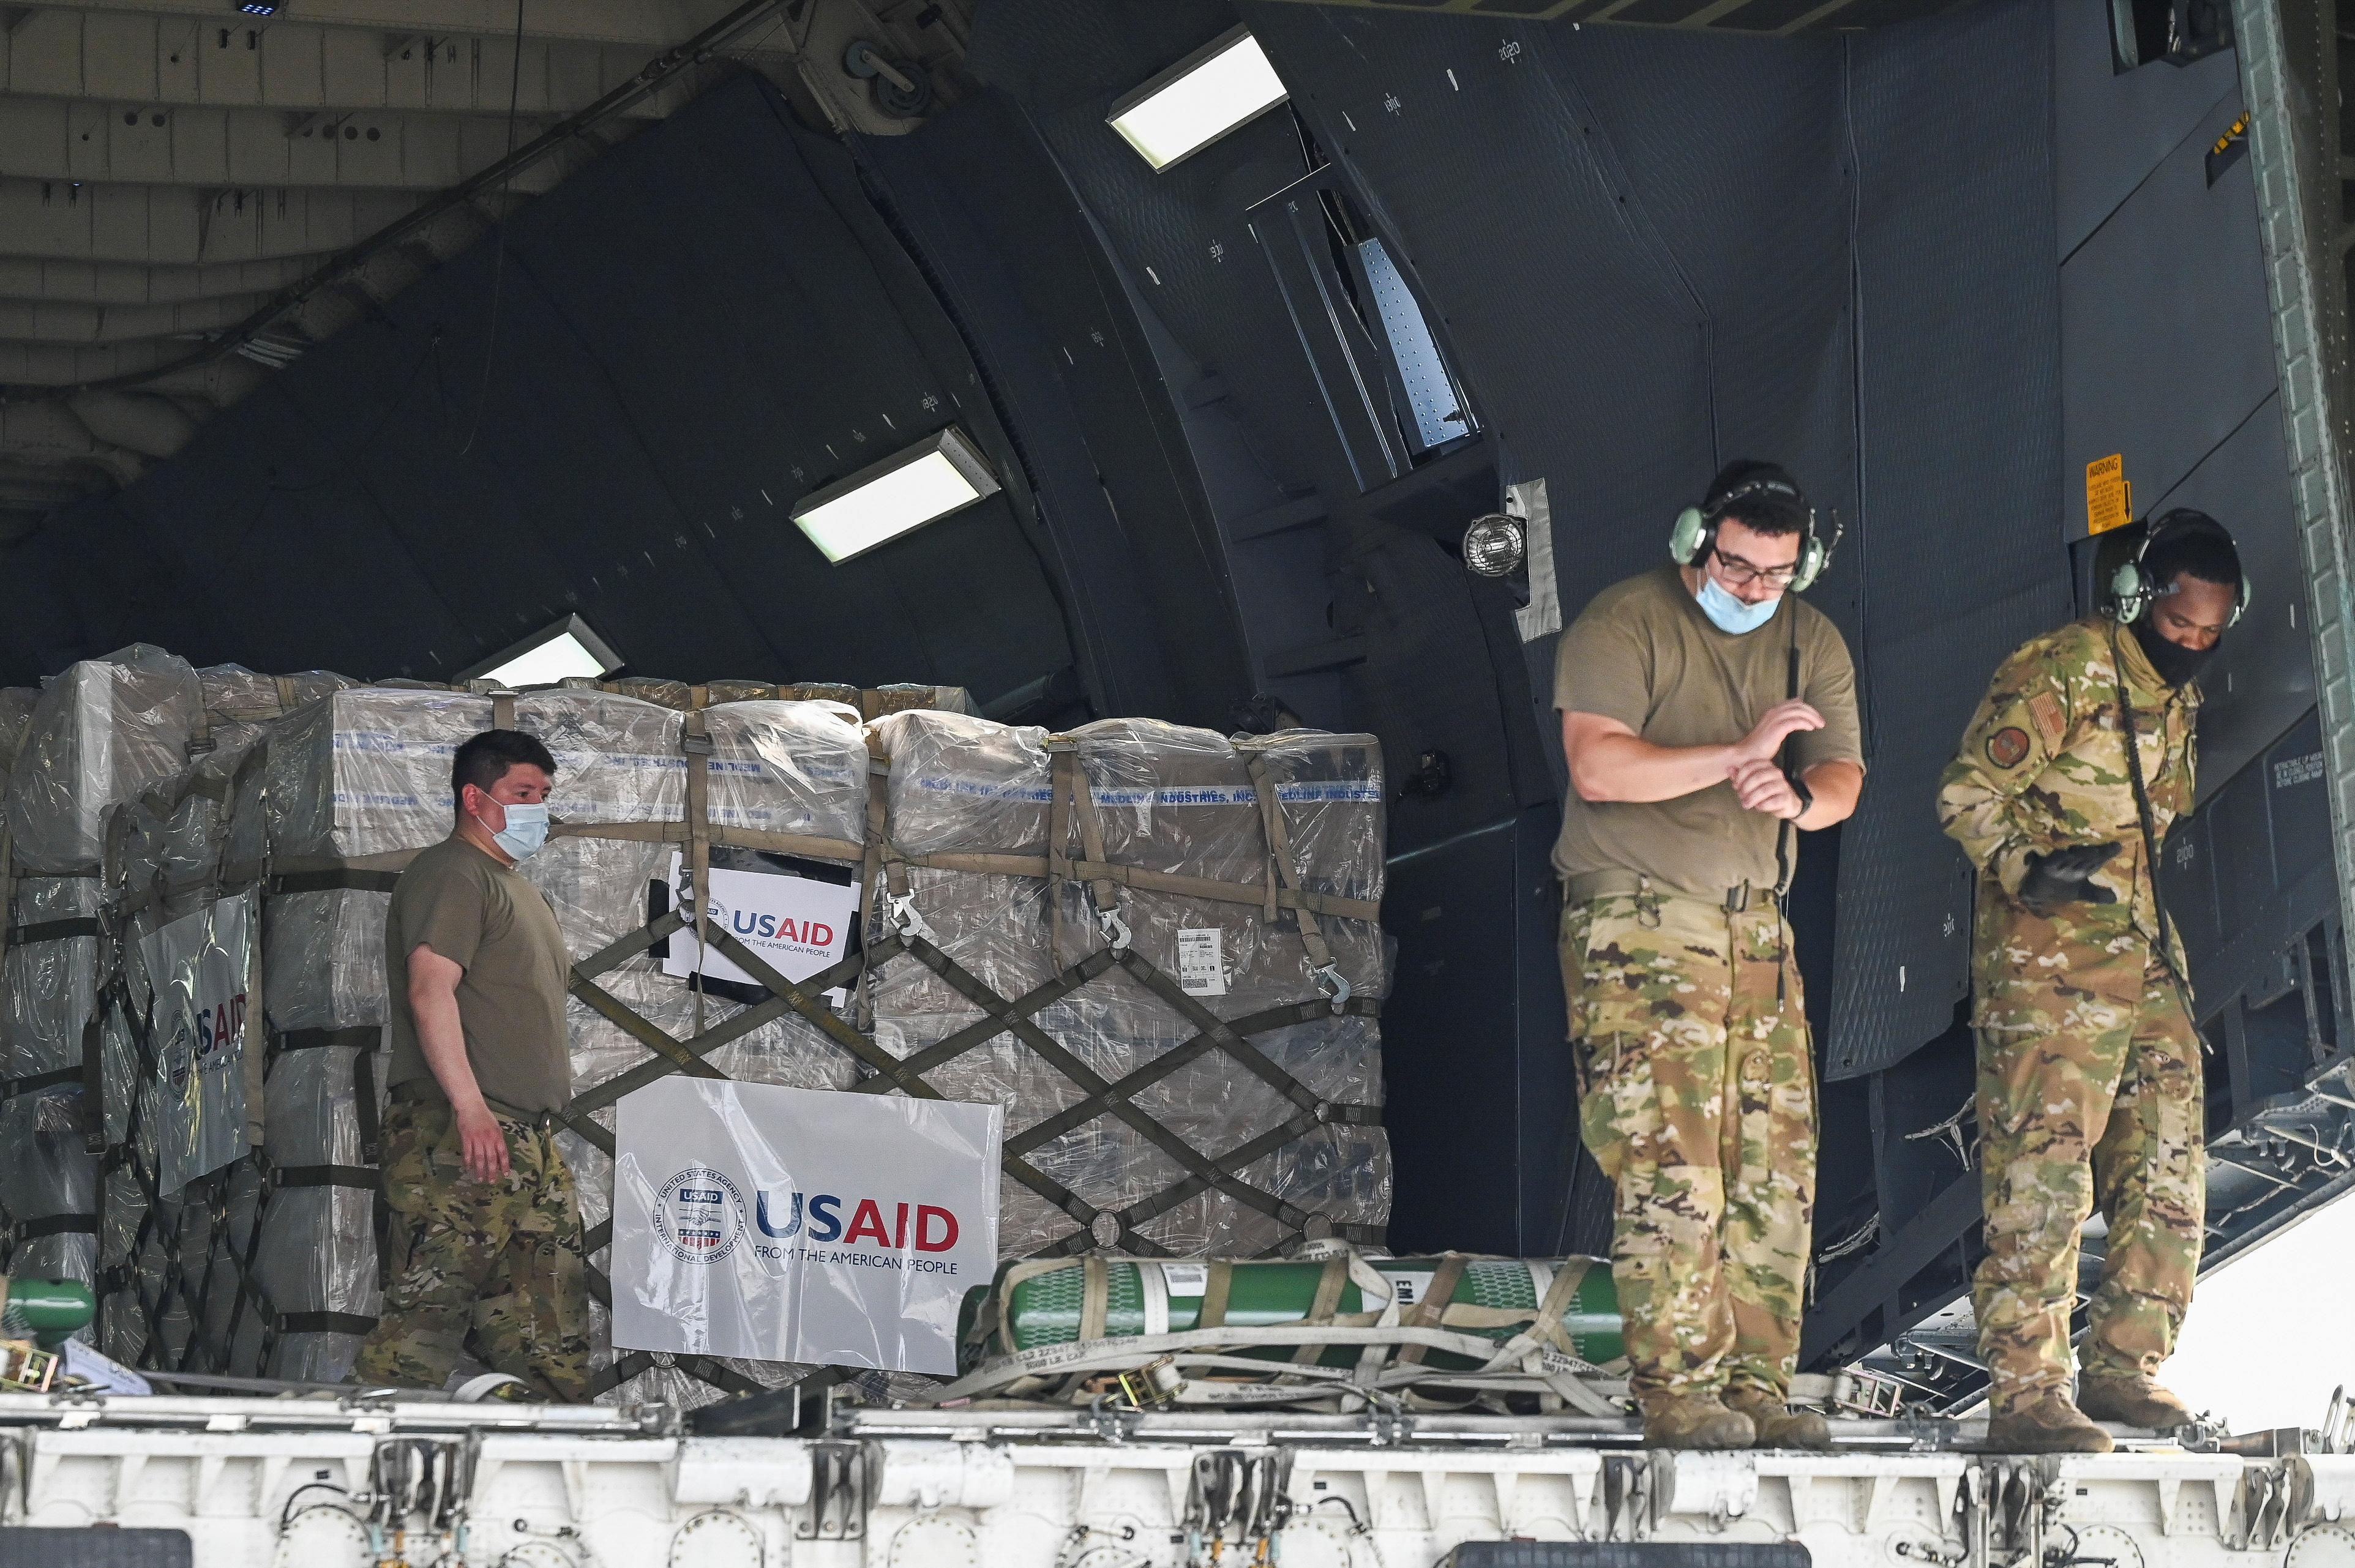 Персонал американської армії готується вивантажити з США товари для допомоги від коронавірусної хвороби (COVID-19) на вантажному терміналі міжнародного аеропорту Індіри Ганді в Нью-Делі, Індія, 30 квітня 2021. Пракаш Сінгх / Басейн через REUTERS